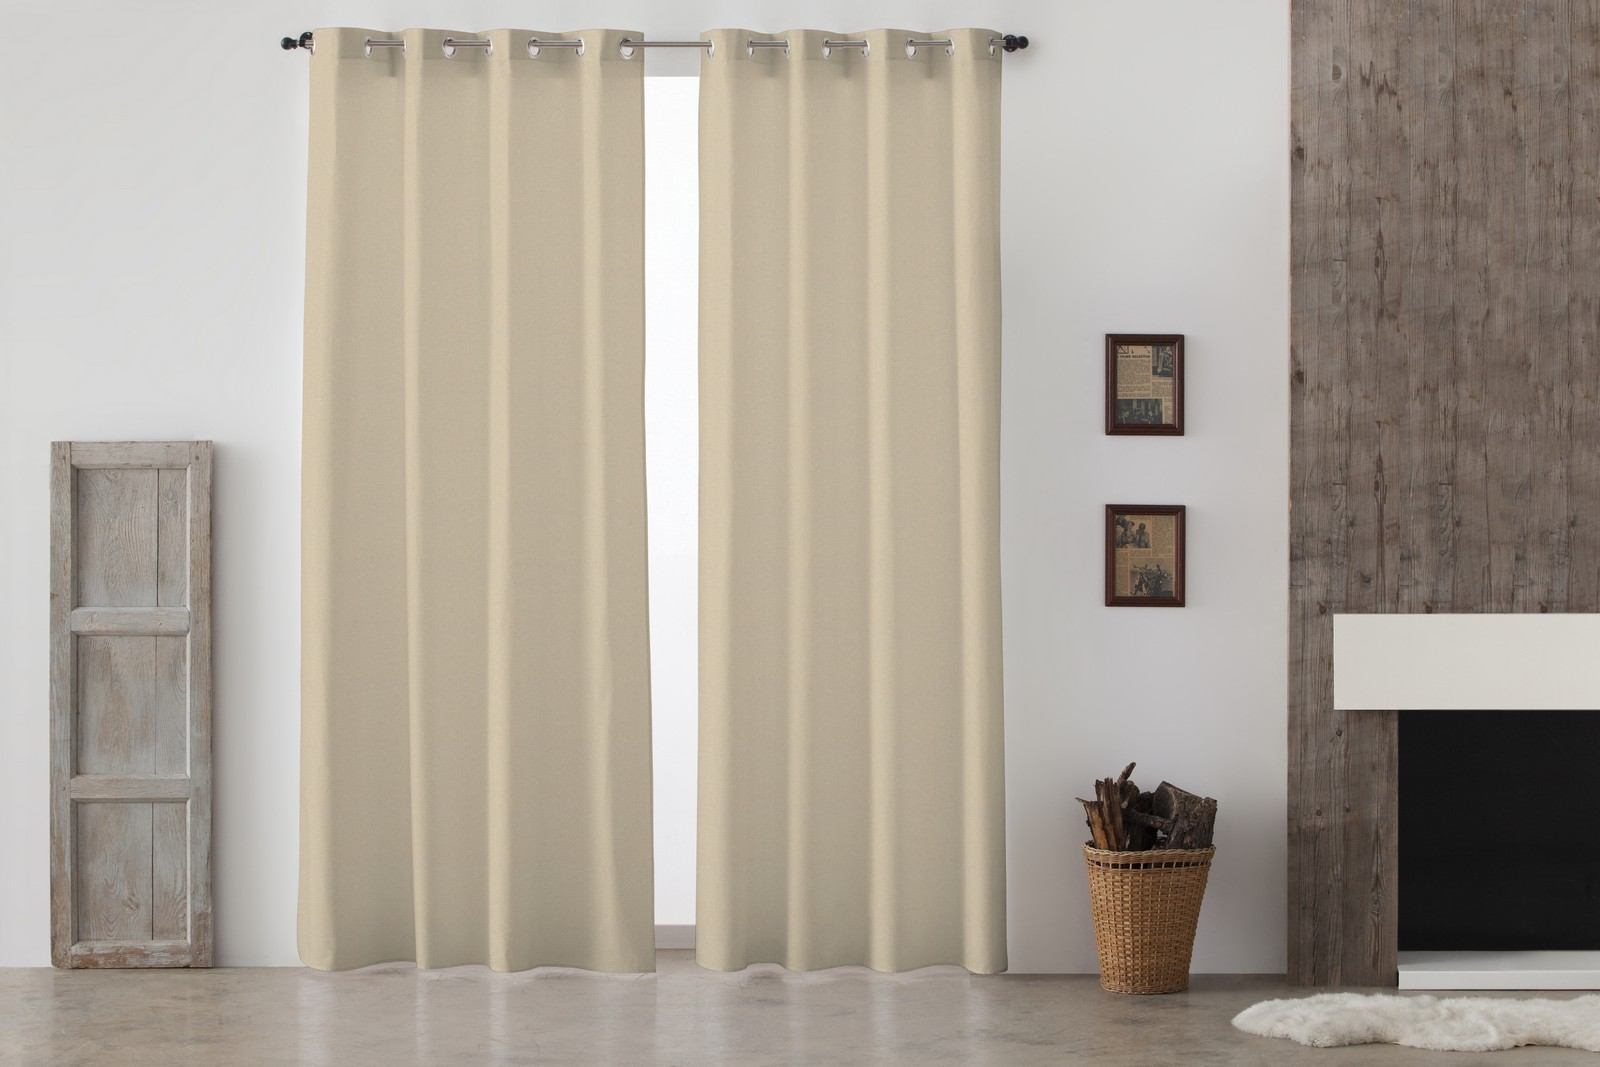 Venta online de cortinas vintage de calidad al mejor for Cortinas grises para dormitorio